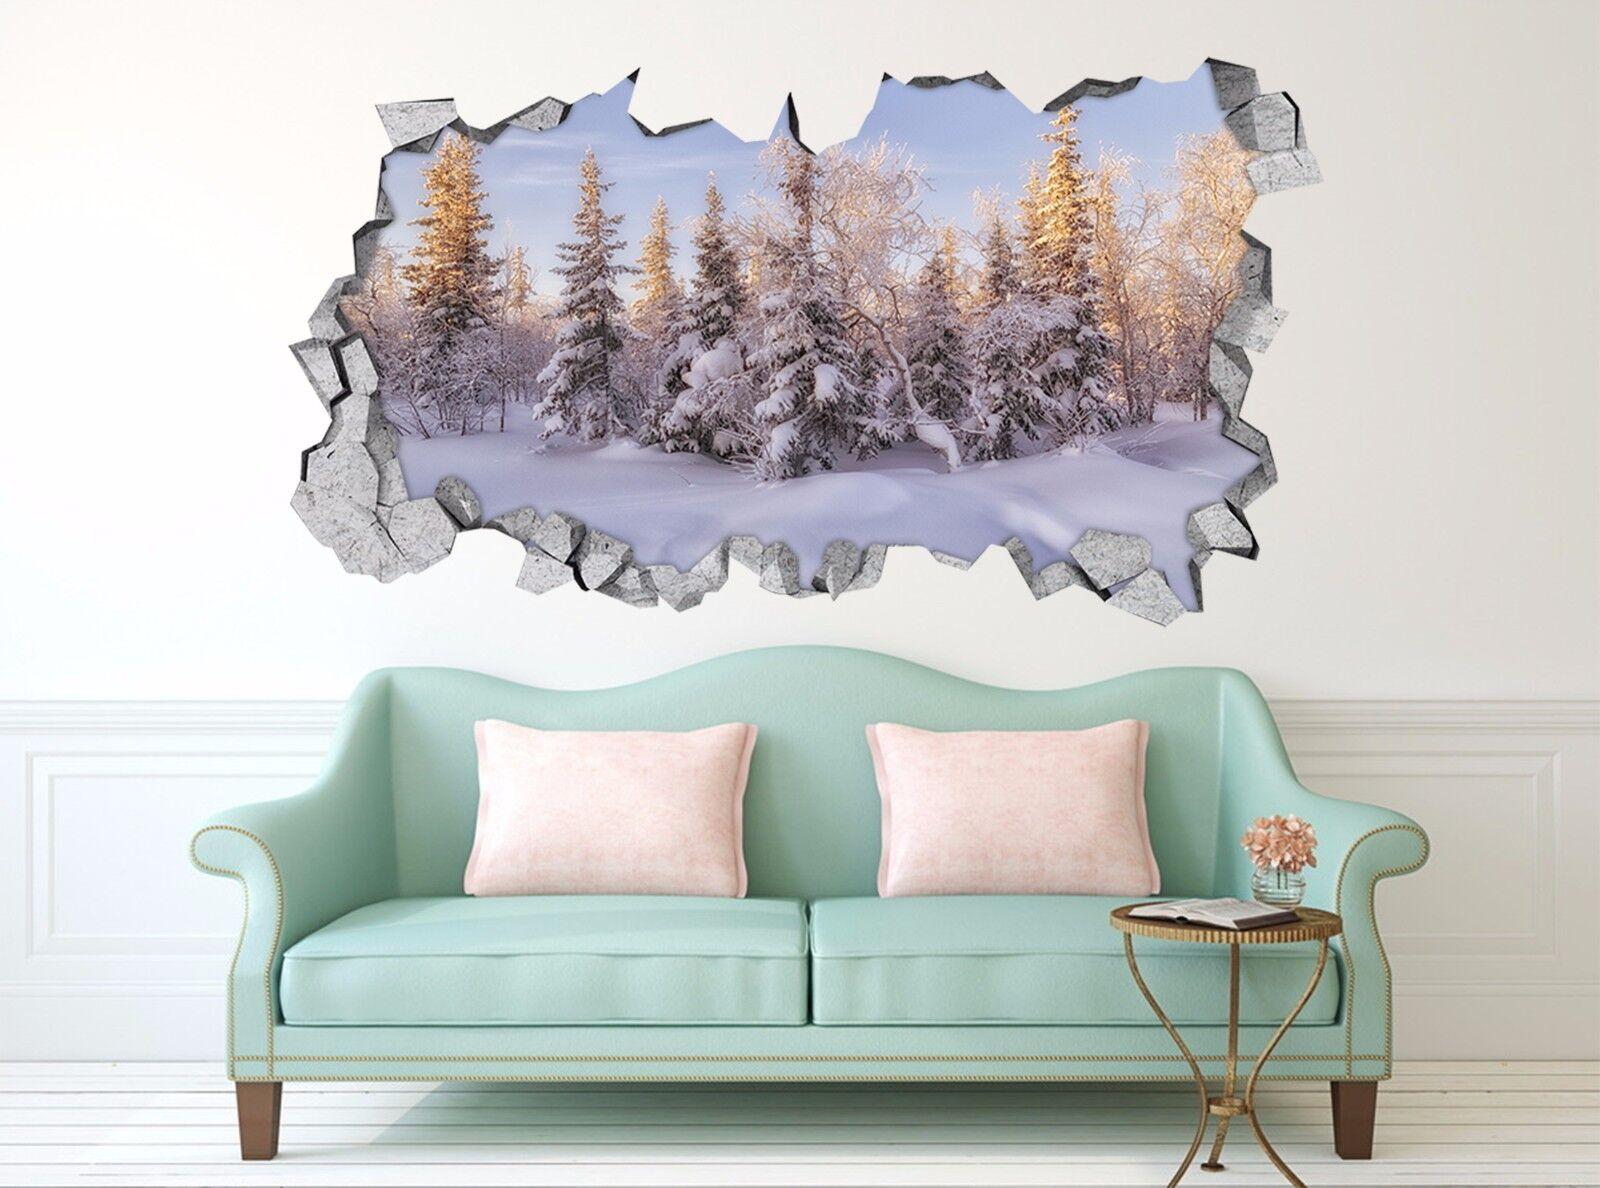 3D Schnee Wald 757  Mauer Murals Mauer Aufklebe Decal Durchbruch AJ WALLPAPER DE